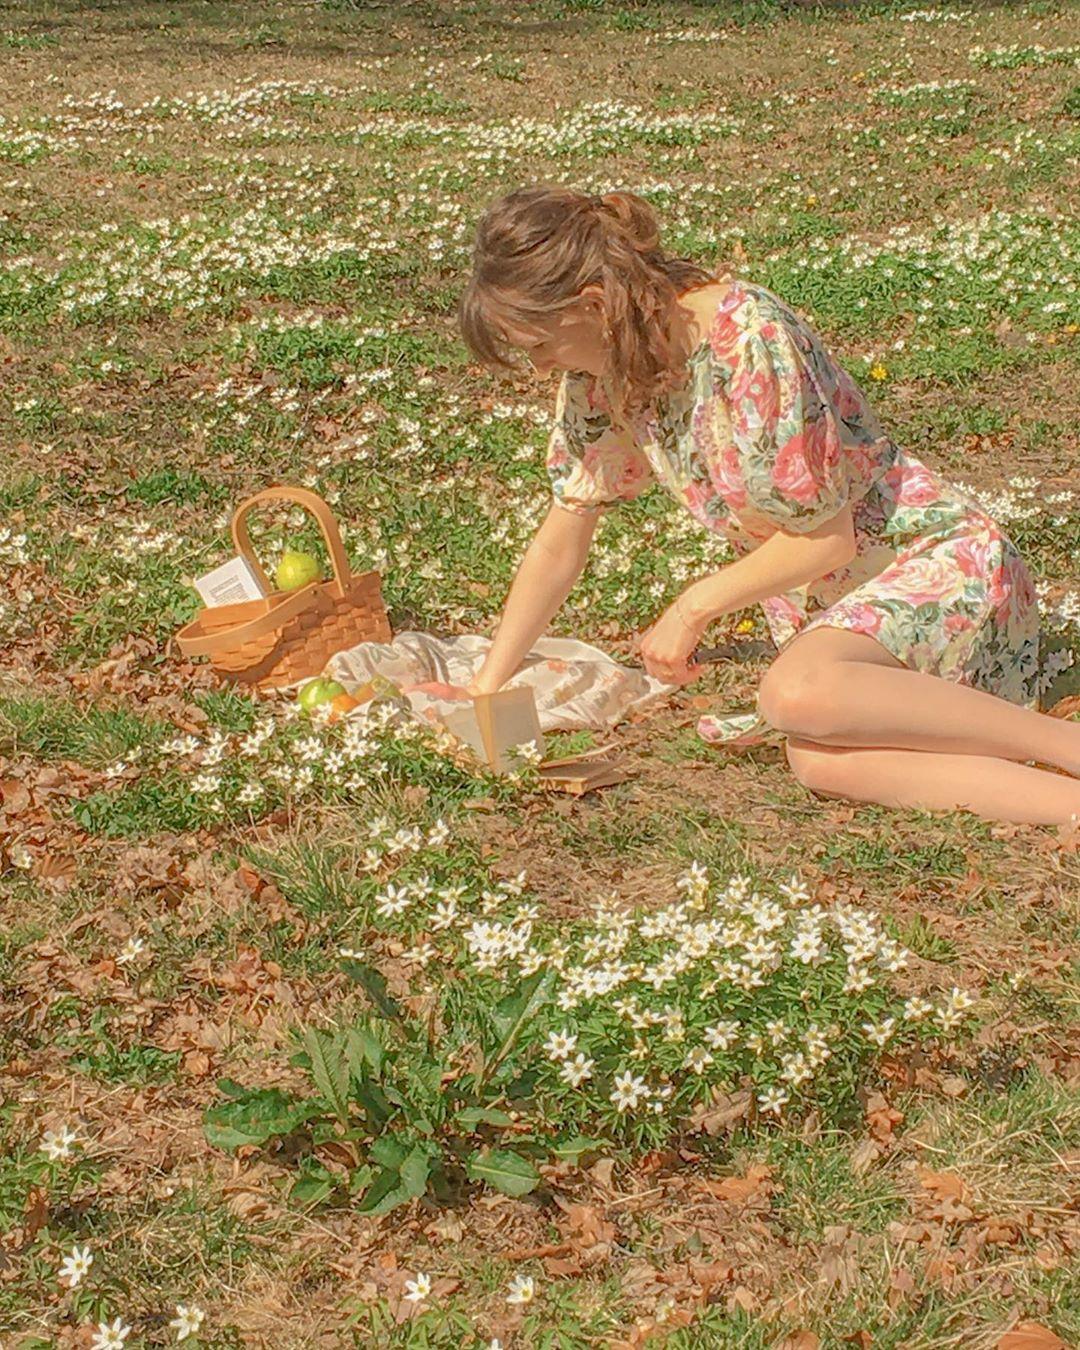 Cô gái mặc váy hoa đọc sách trên bãi cỏ